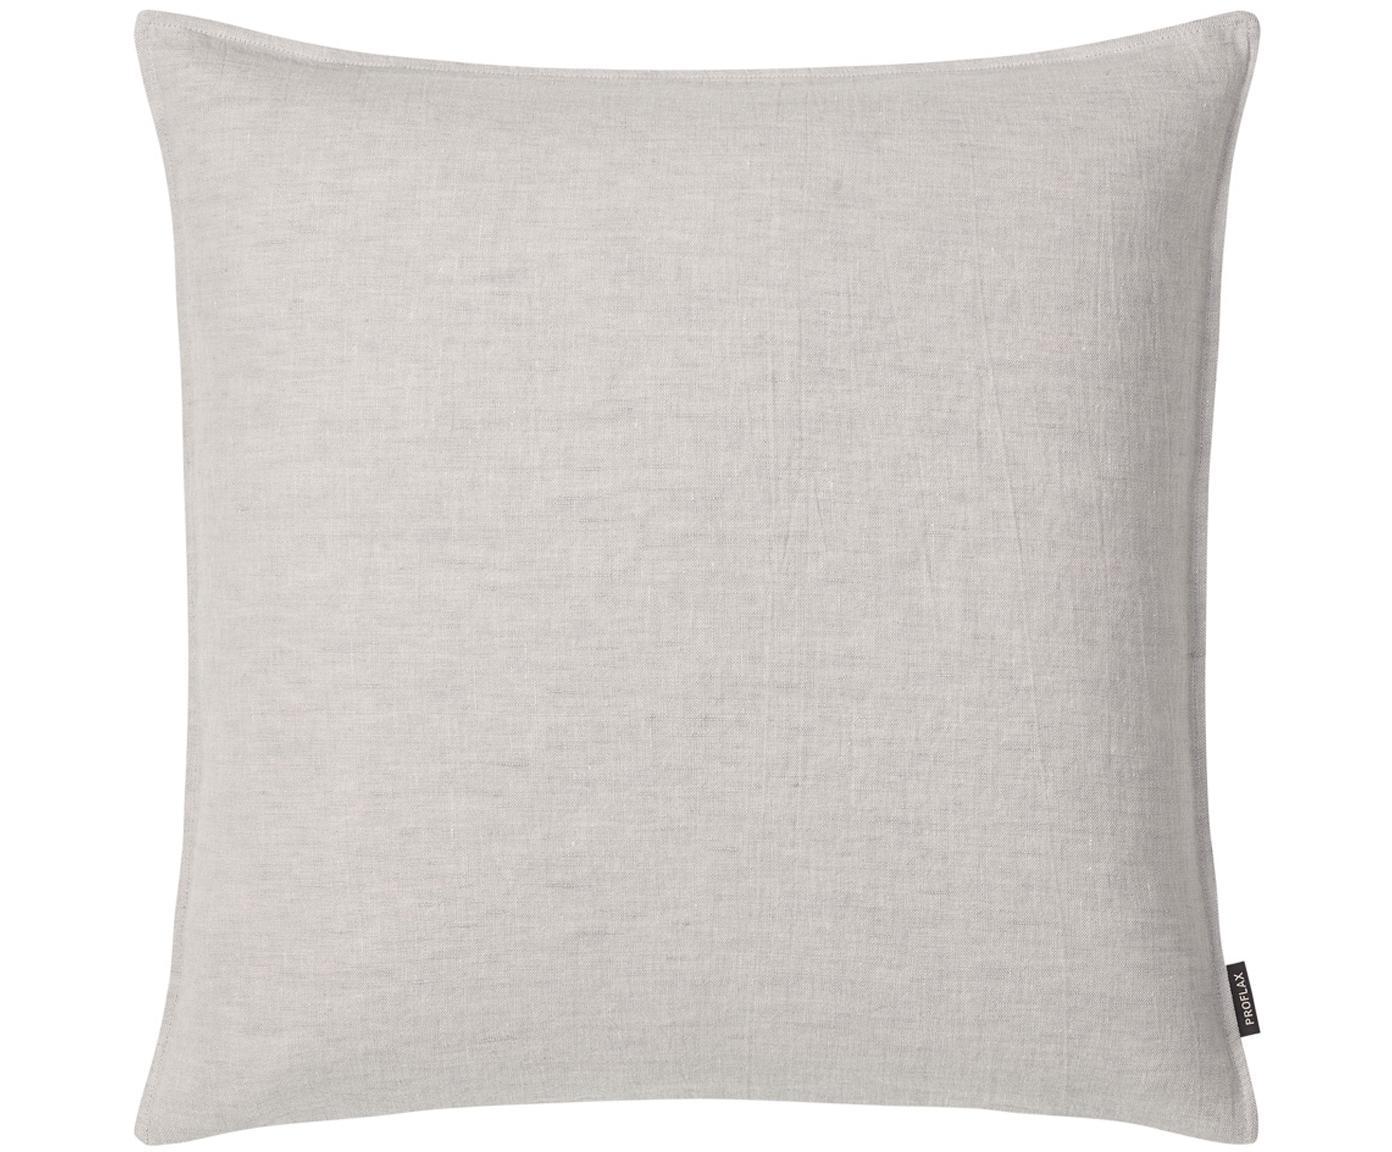 Lněný povlak na polštář sefektem soft-washed Sven, Stříbrná, šedá